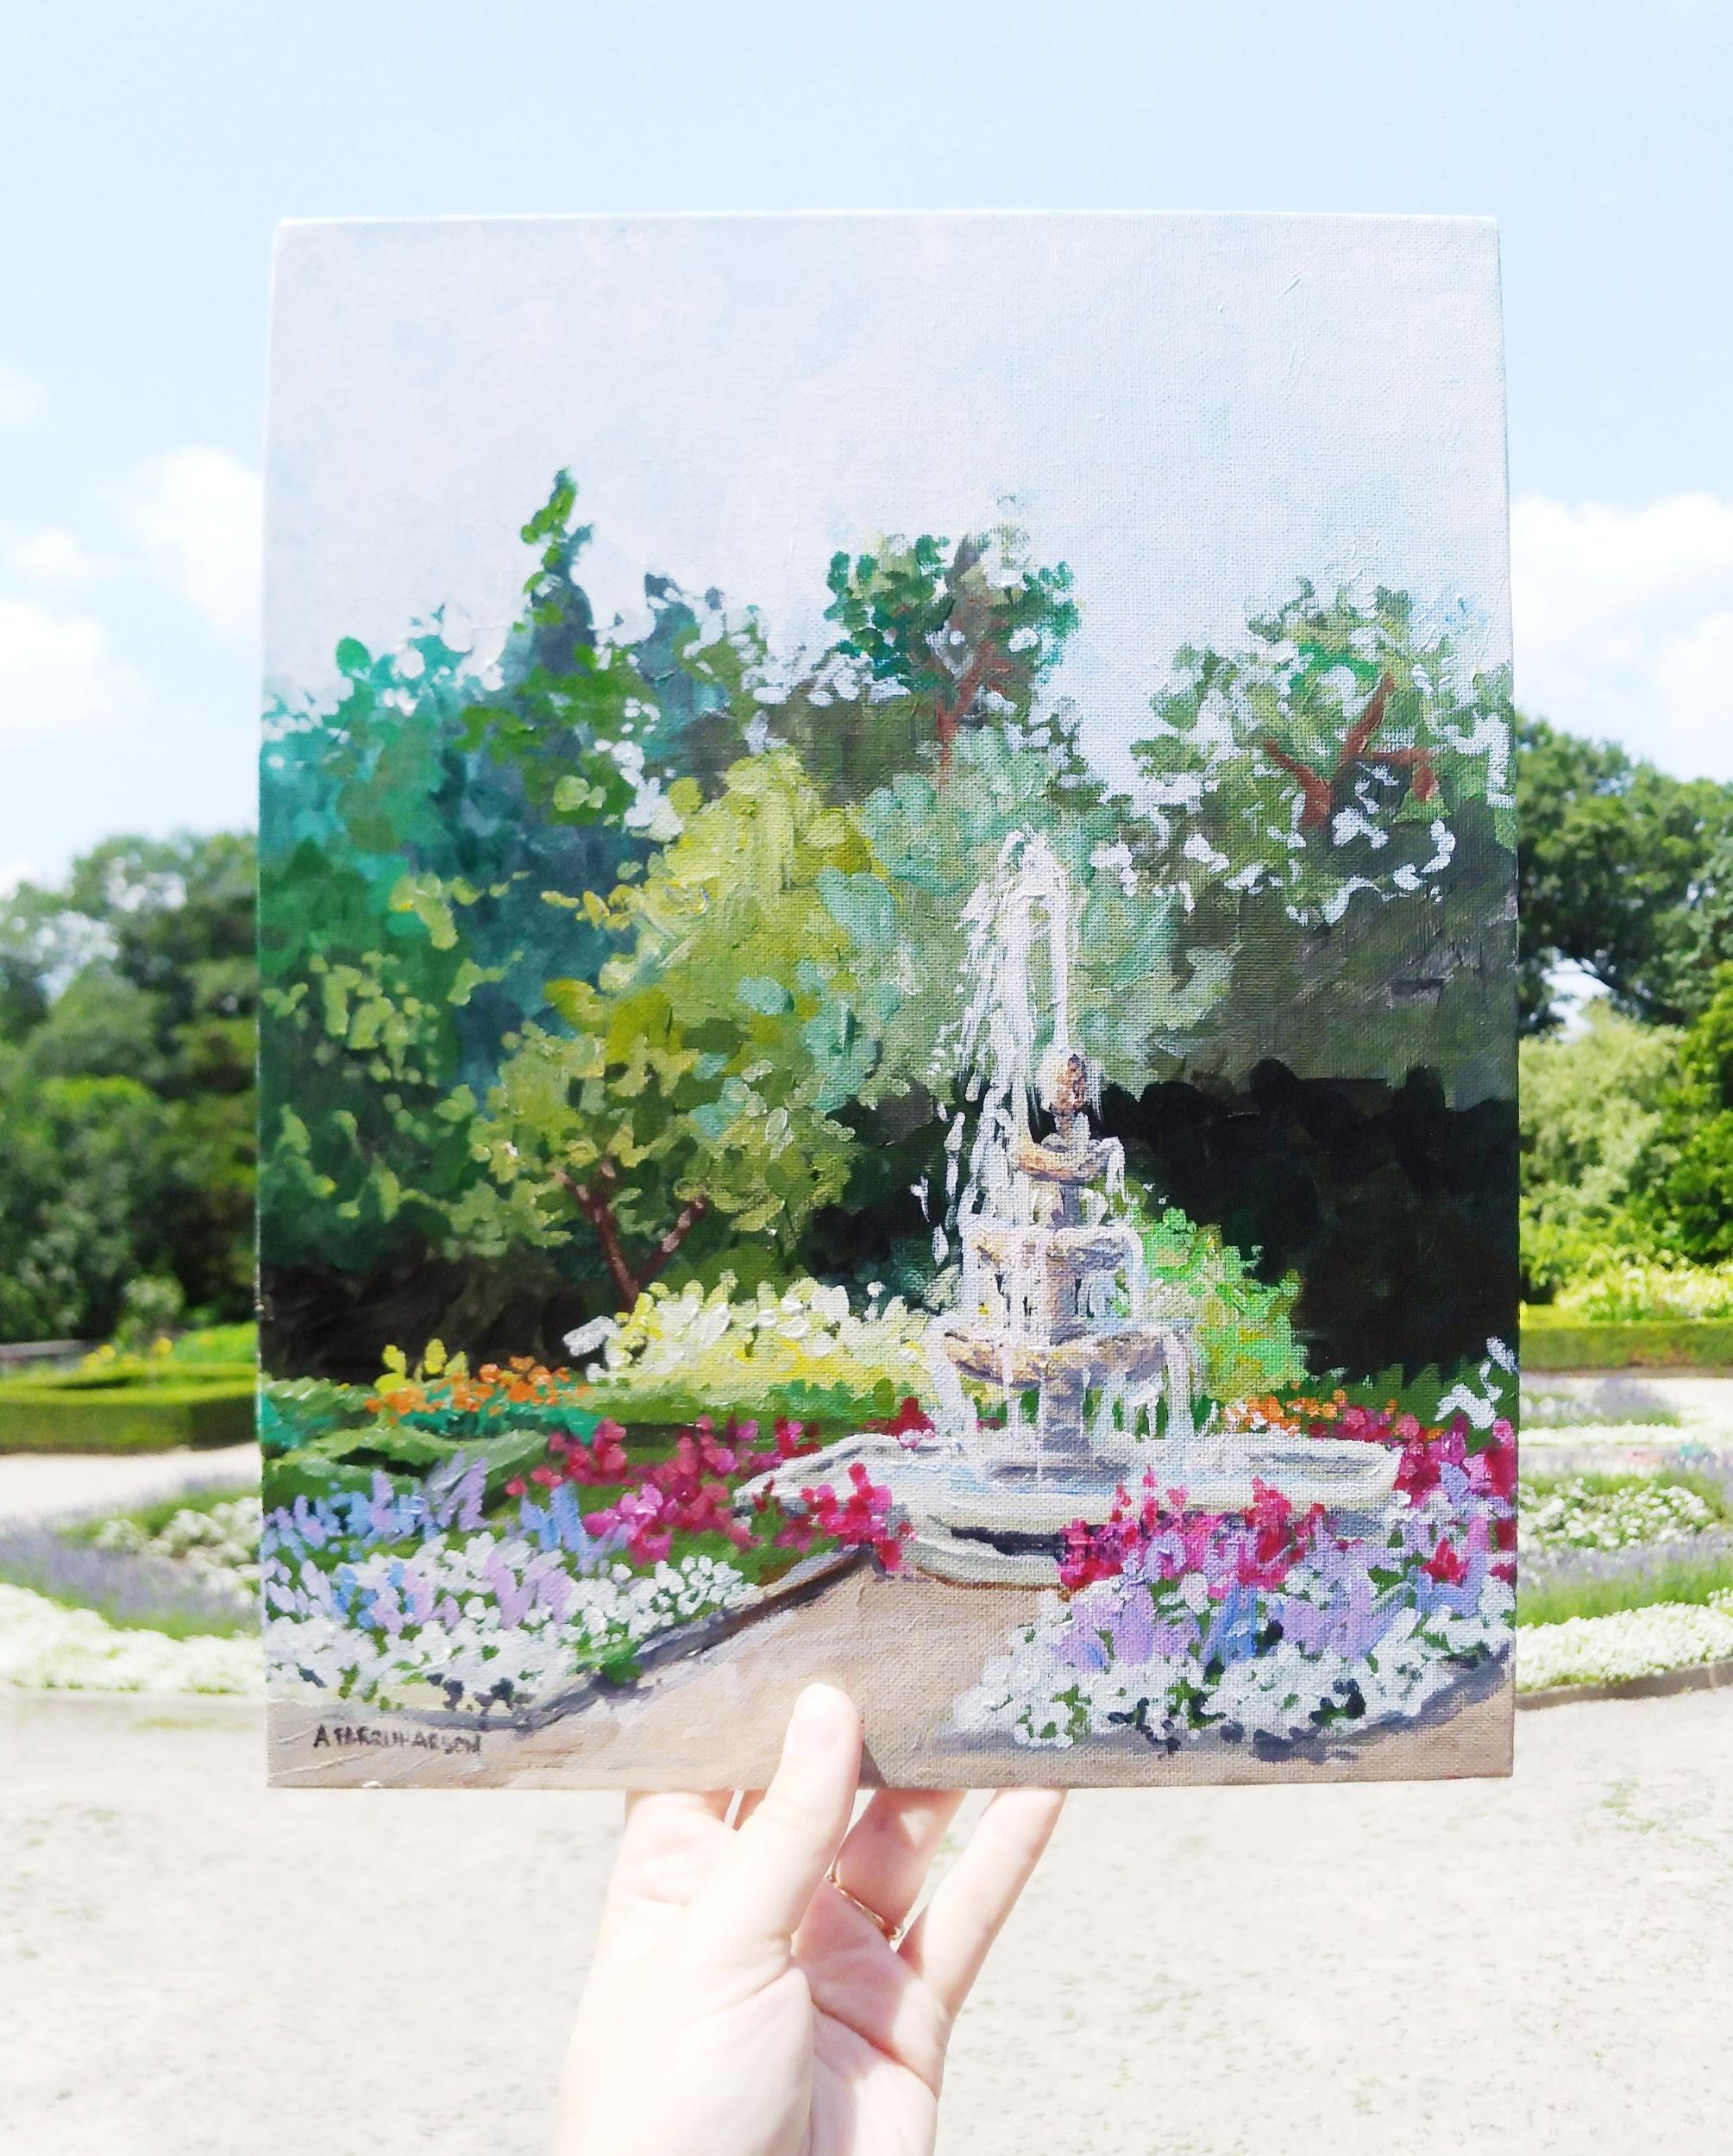 Hendrie Garden Plein Air by Amanda Farquharson.jpg